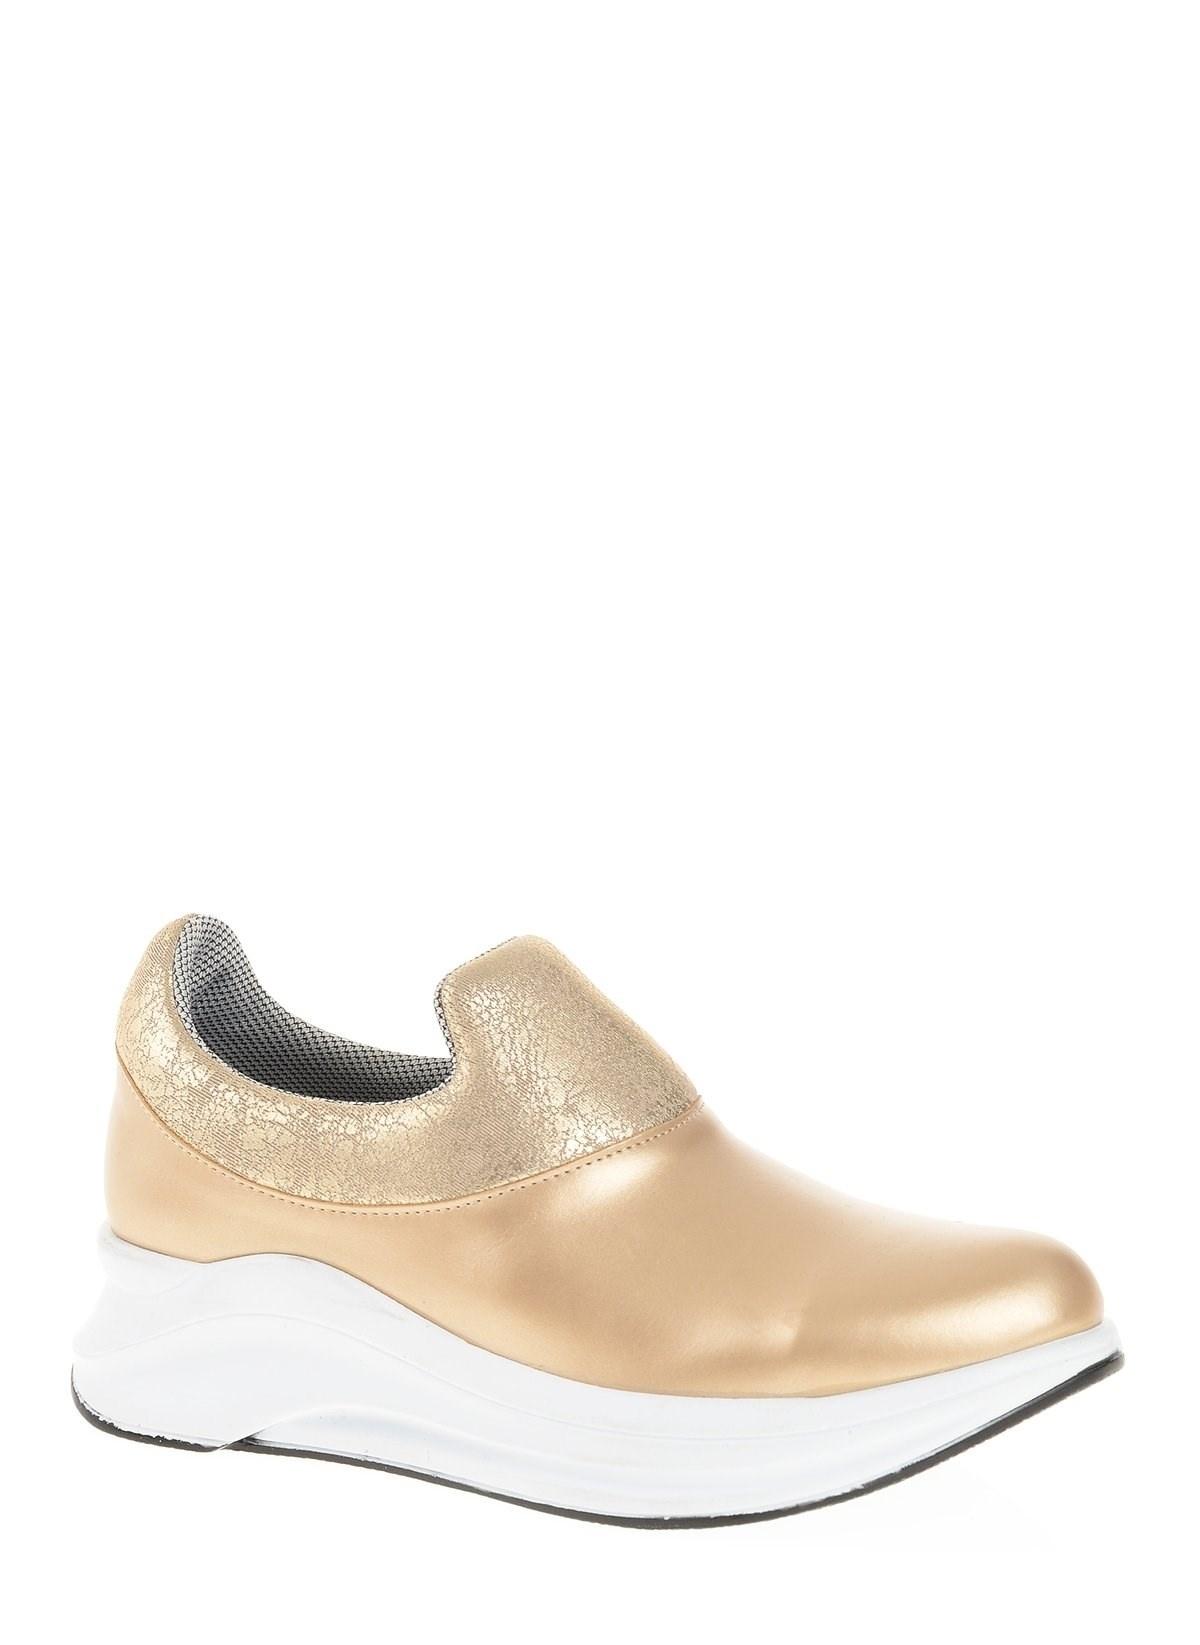 Kadın Derigo Dolgu Topuklu Ayakkabı